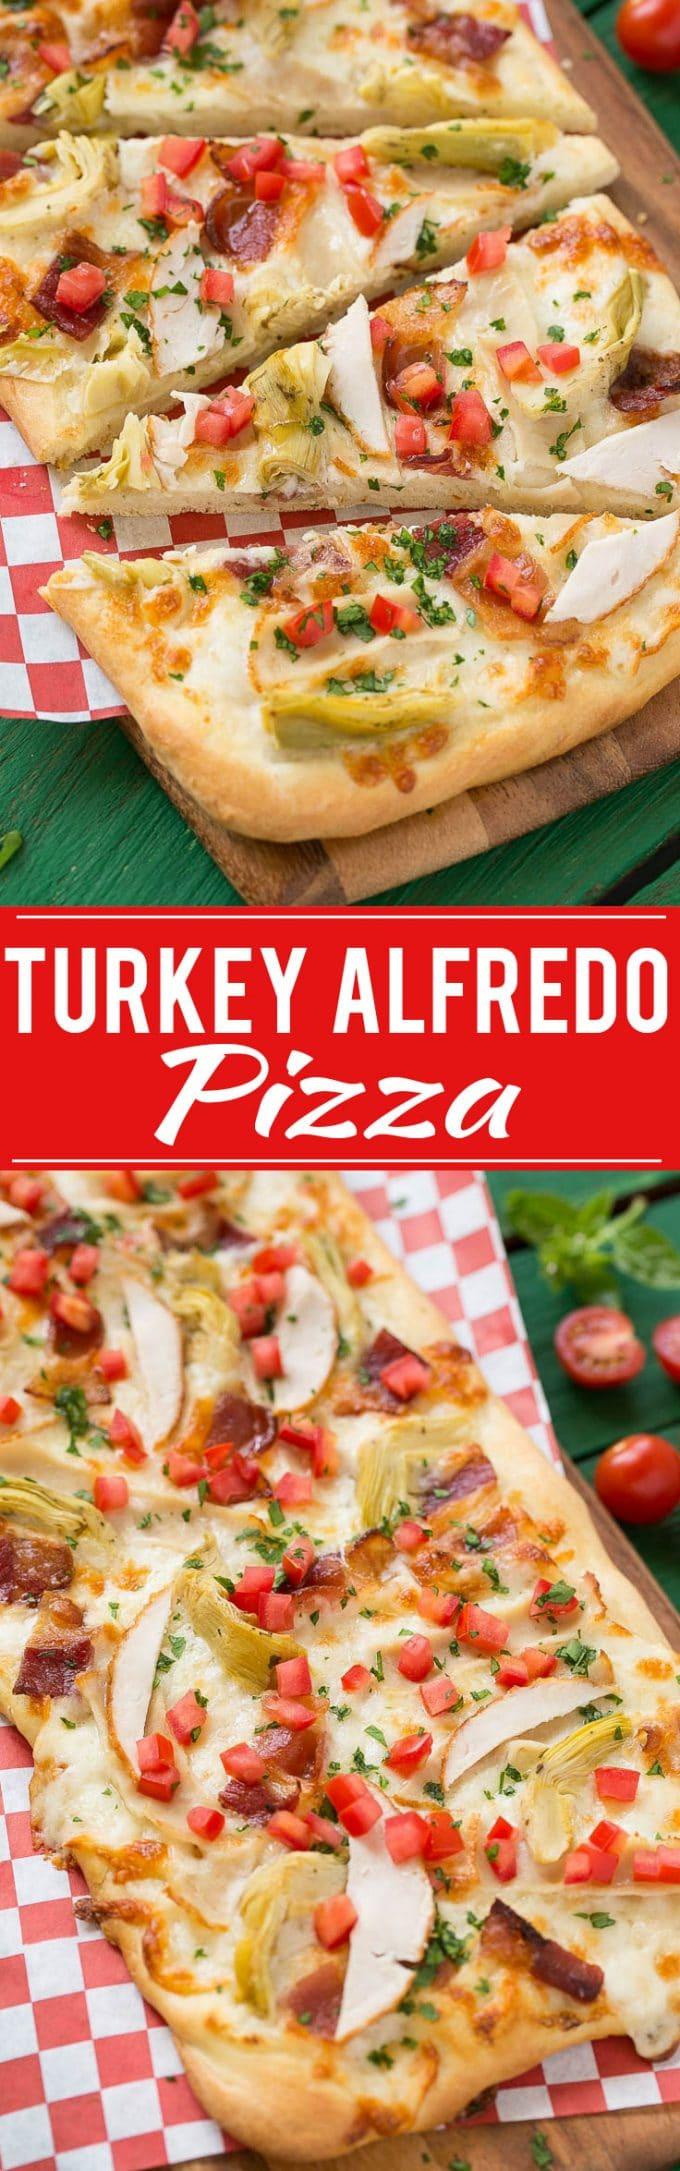 Turkey Alfredo Pizza Recipe   Turkey Artichoke Bacon Pizza   Best Turkey Pizza   Creamy Bacon Pizza   Bacon Alfredo Pizza